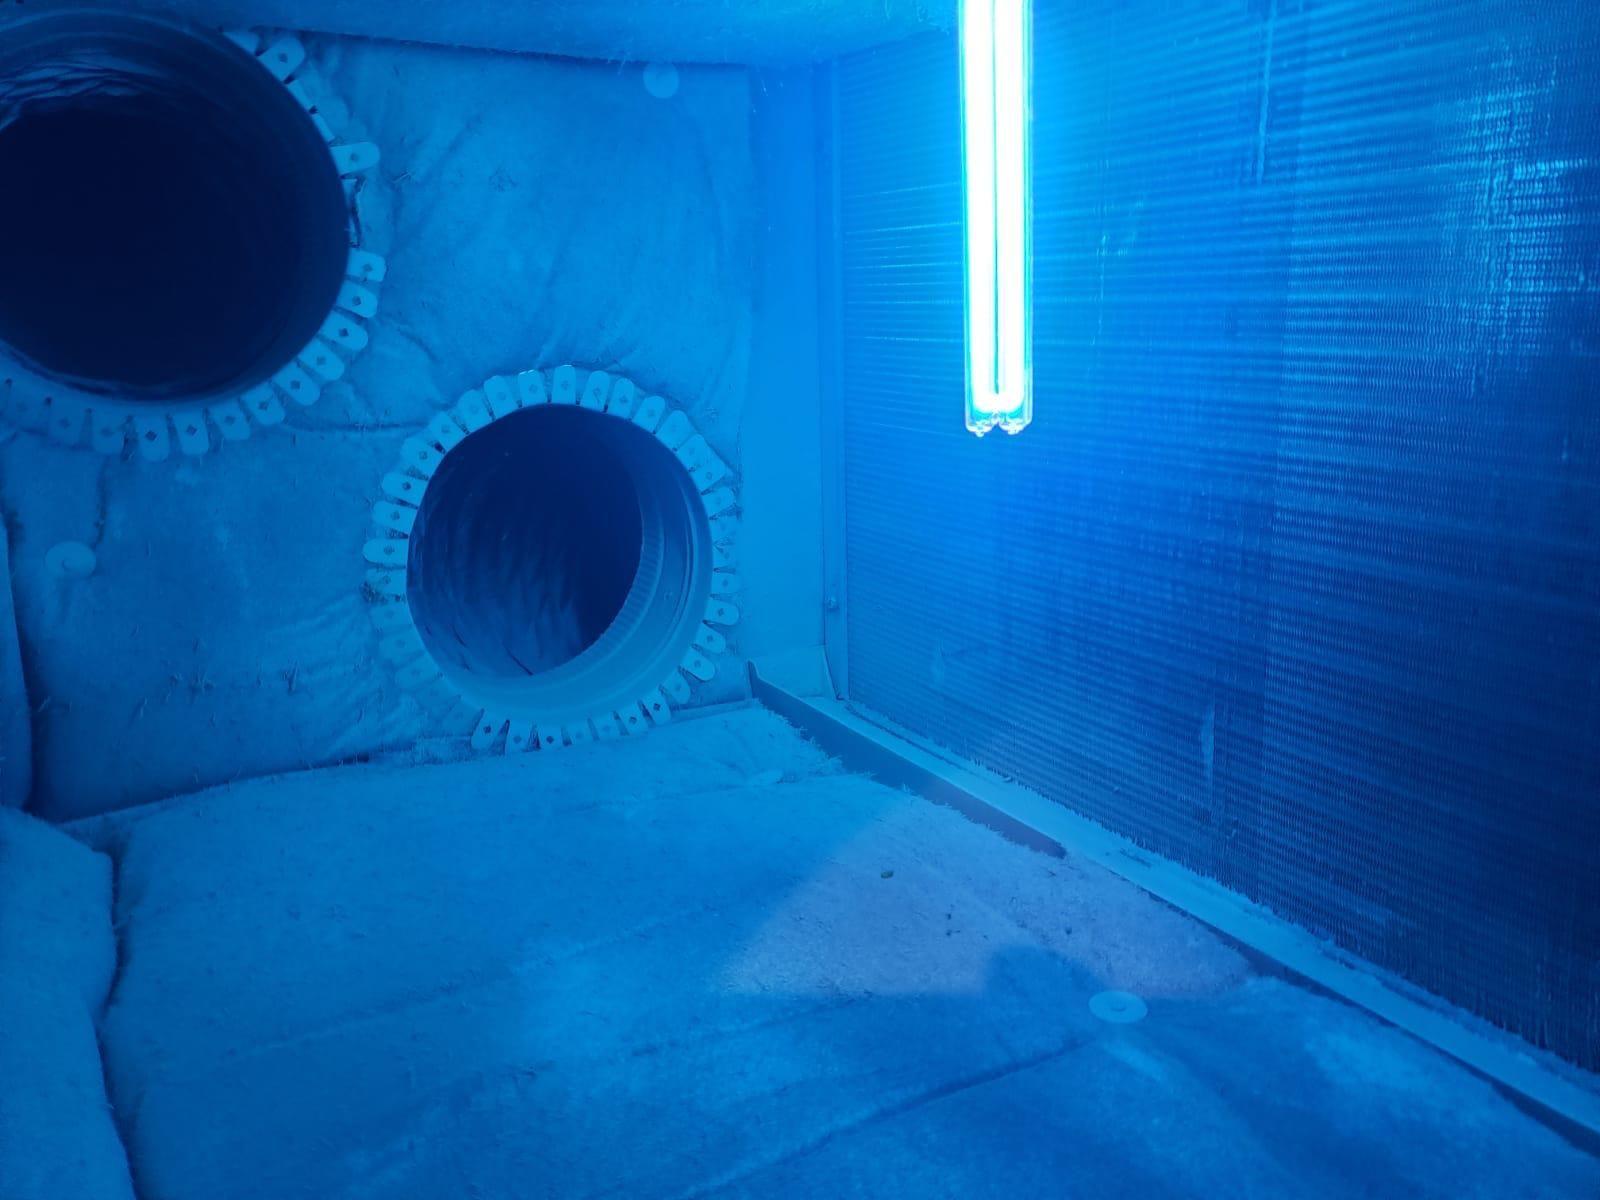 Uv Light Kills Germs In 2020 Uv Light Ultraviolet Lamp Light Installation